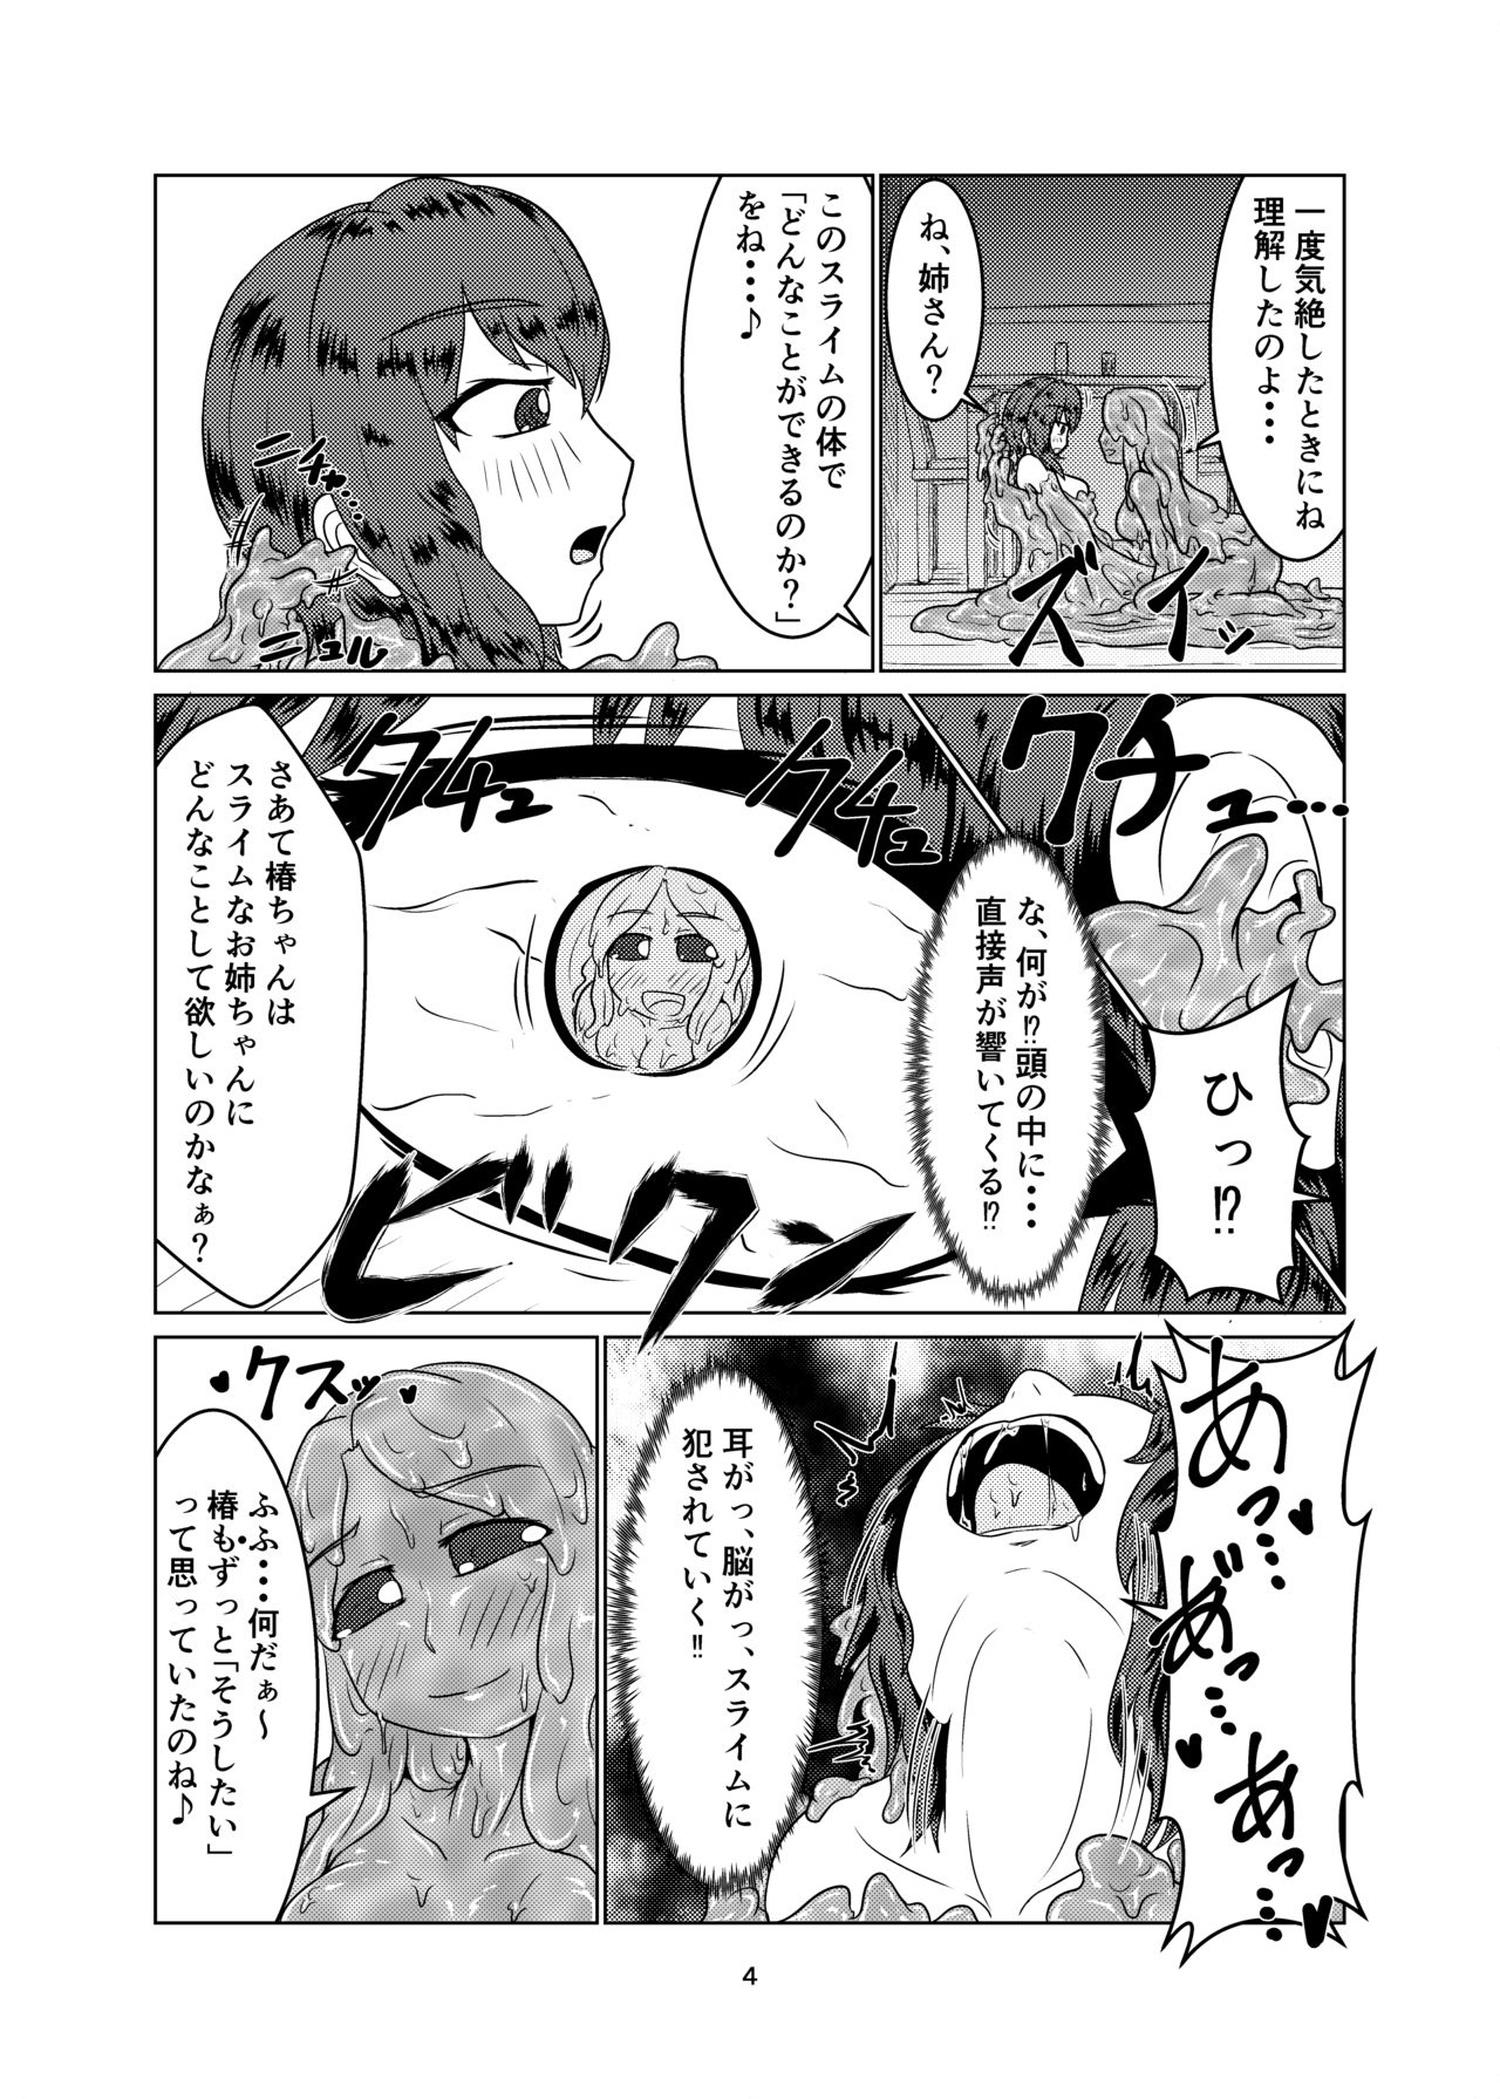 【エロ漫画】スライムになってしまったお姉さんに、身動きできなくされてお尻から姉さんが入って来ちゃう!【無料 エロ同人誌】 (3)